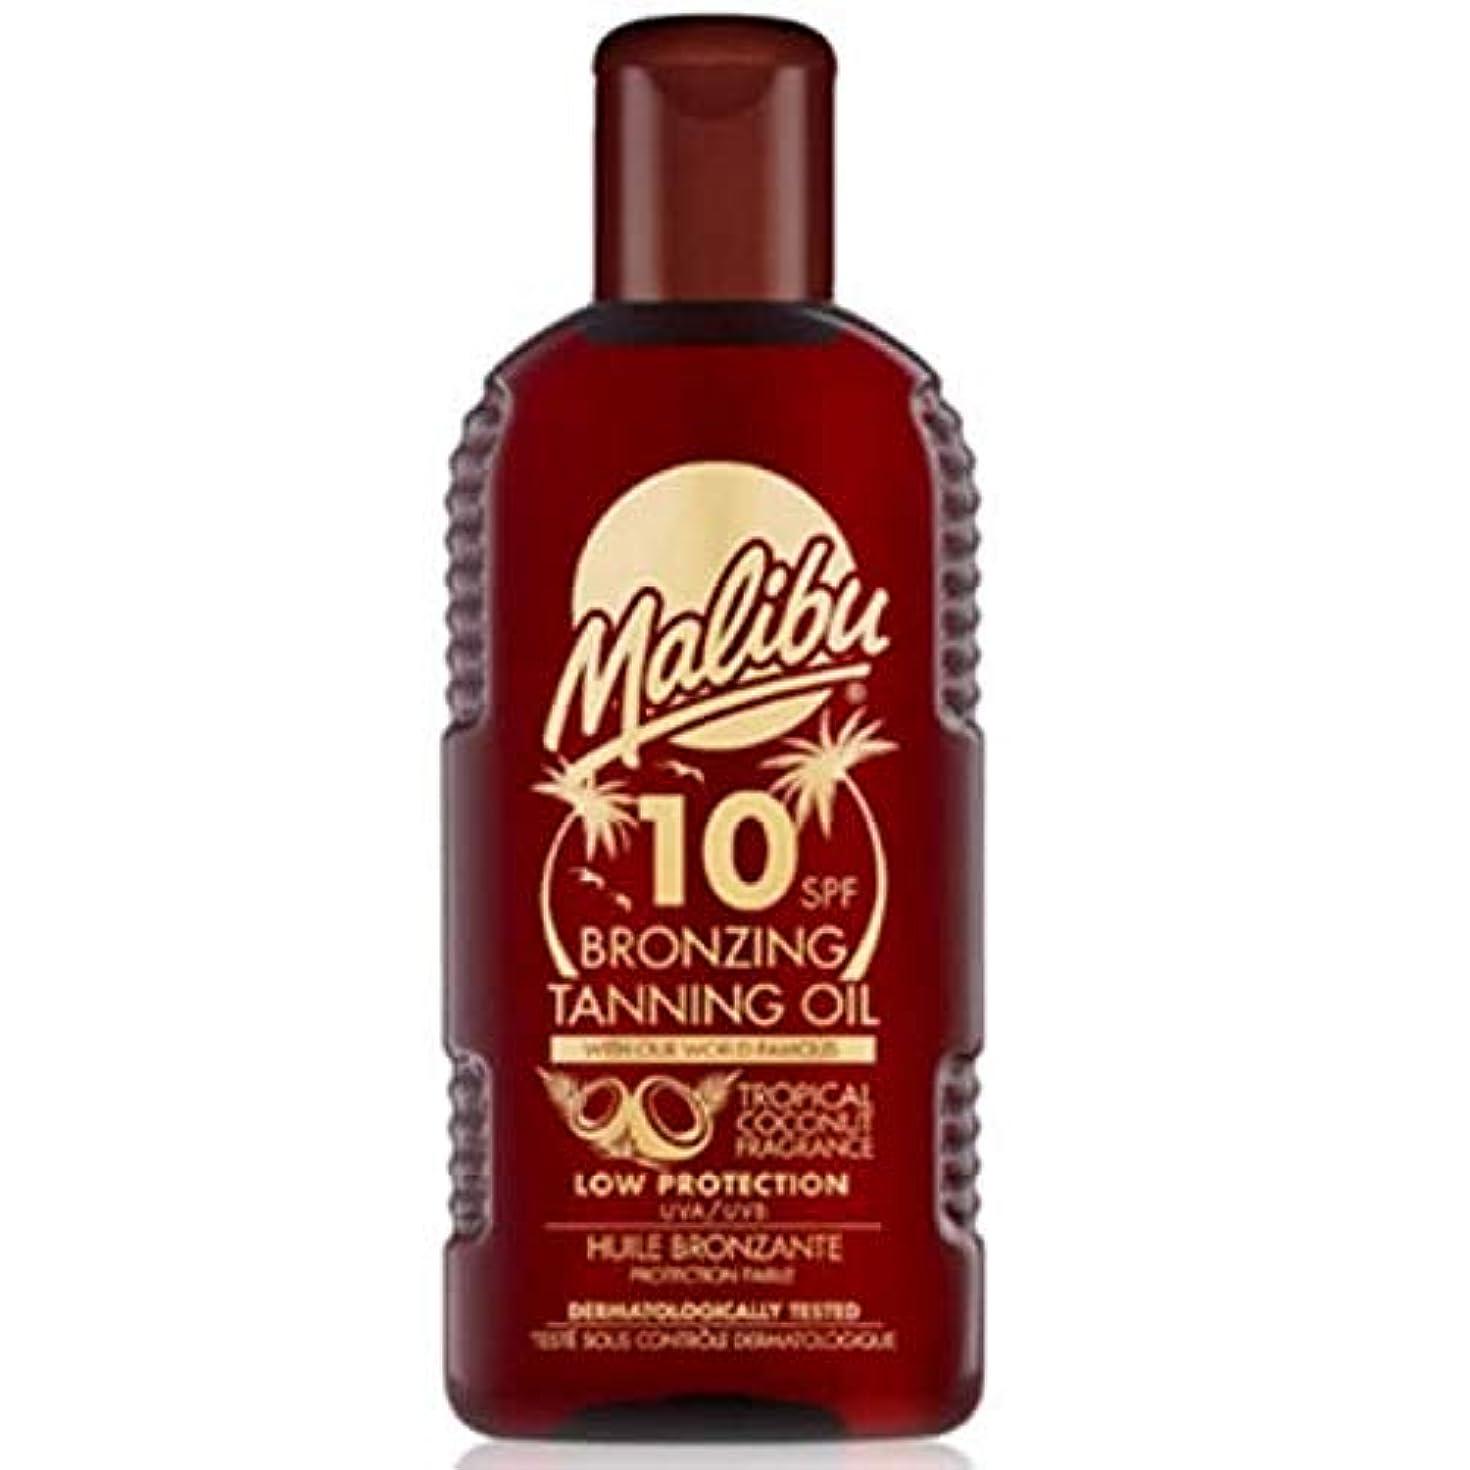 覗くクレア動物園[Malibu ] マリブブロンズ日焼けオイルSpf 10 - Malibu Bronzing Tanning Oil SPF 10 [並行輸入品]